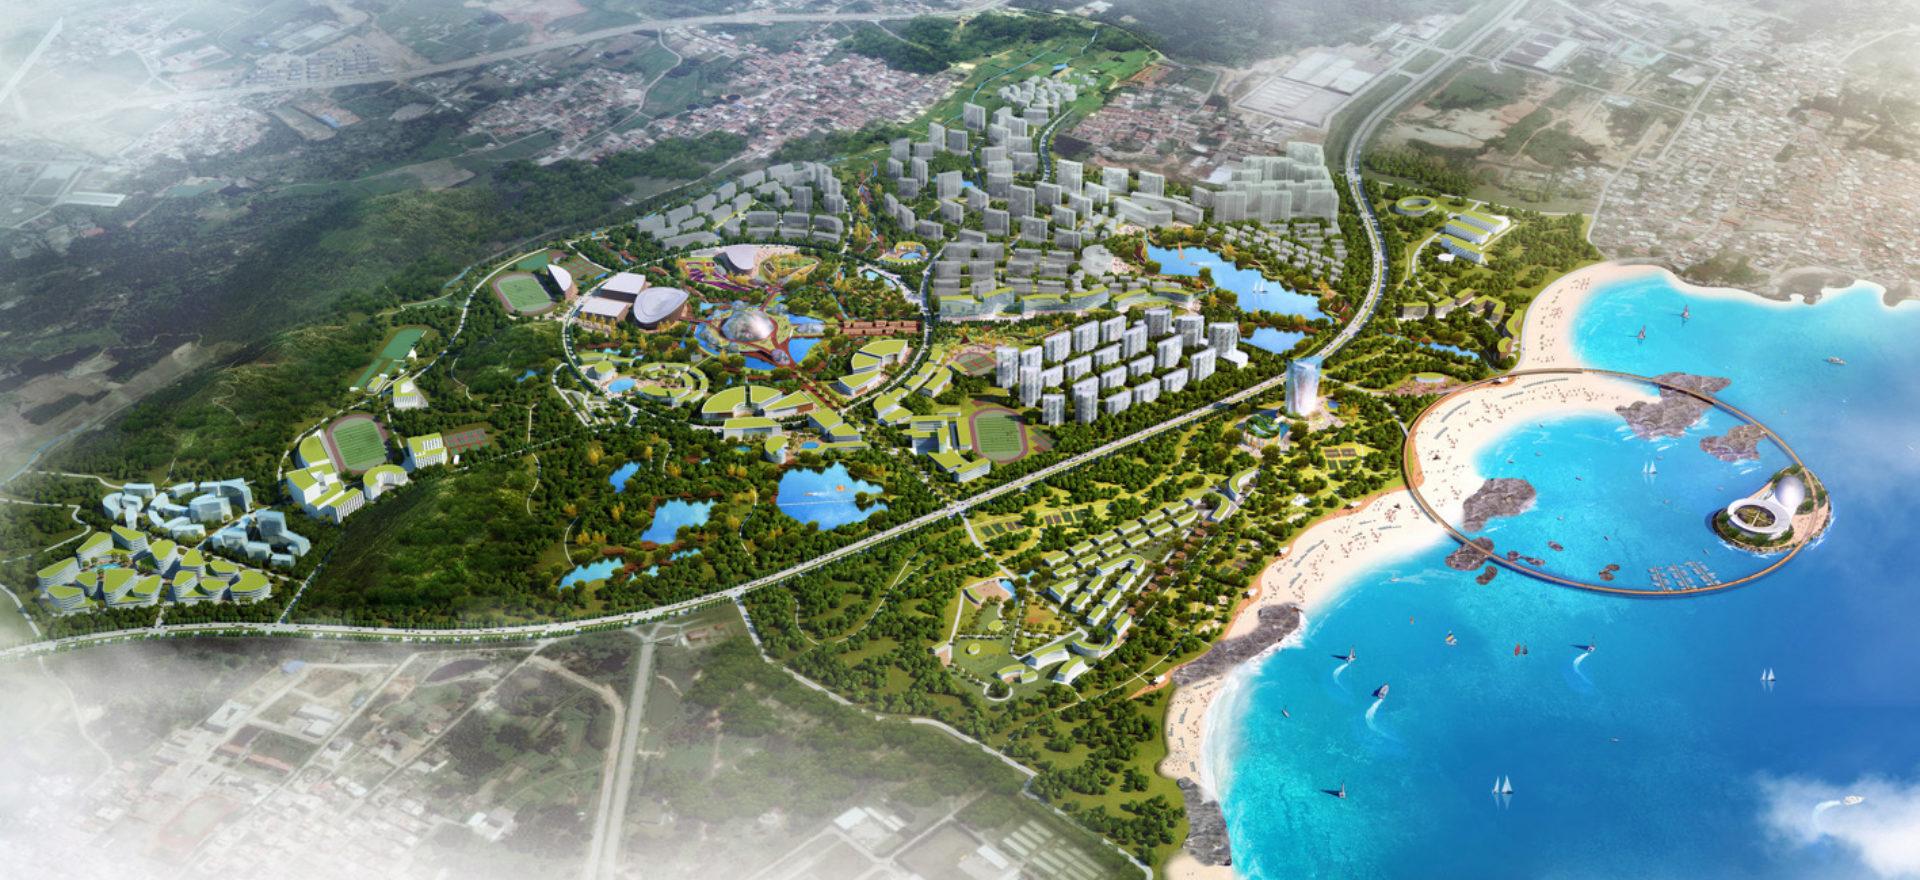 Image of Jinjiang Sports Town